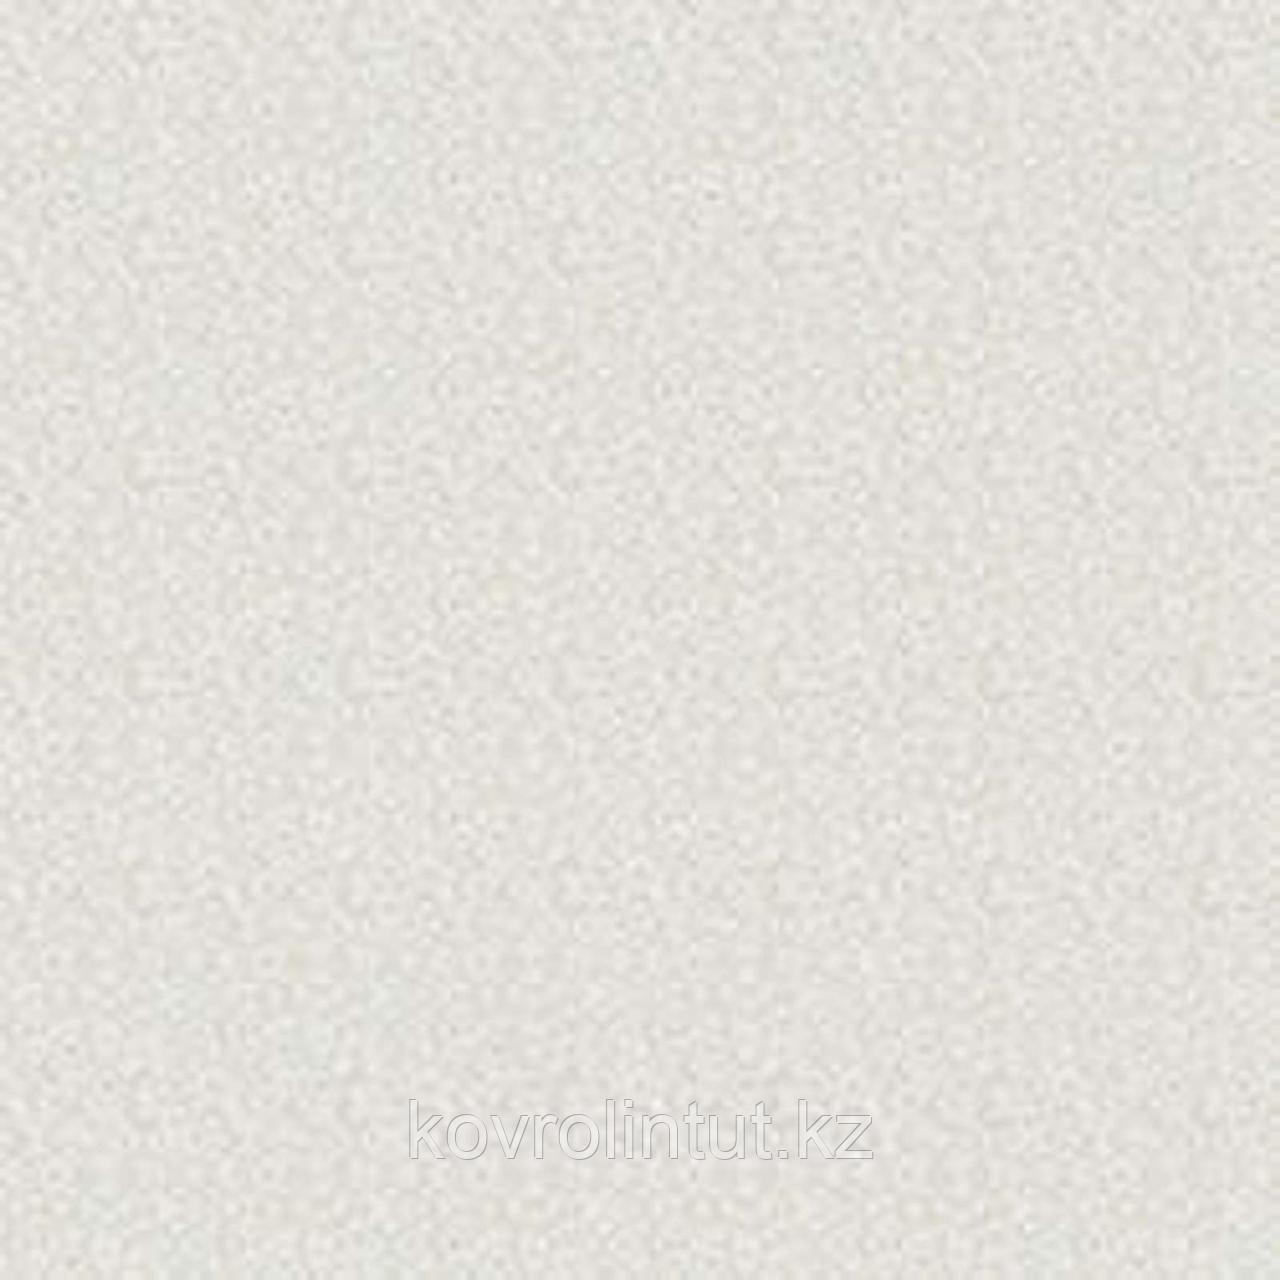 Линолеум бытовой усиленный Status Tepper 1 3,5 м